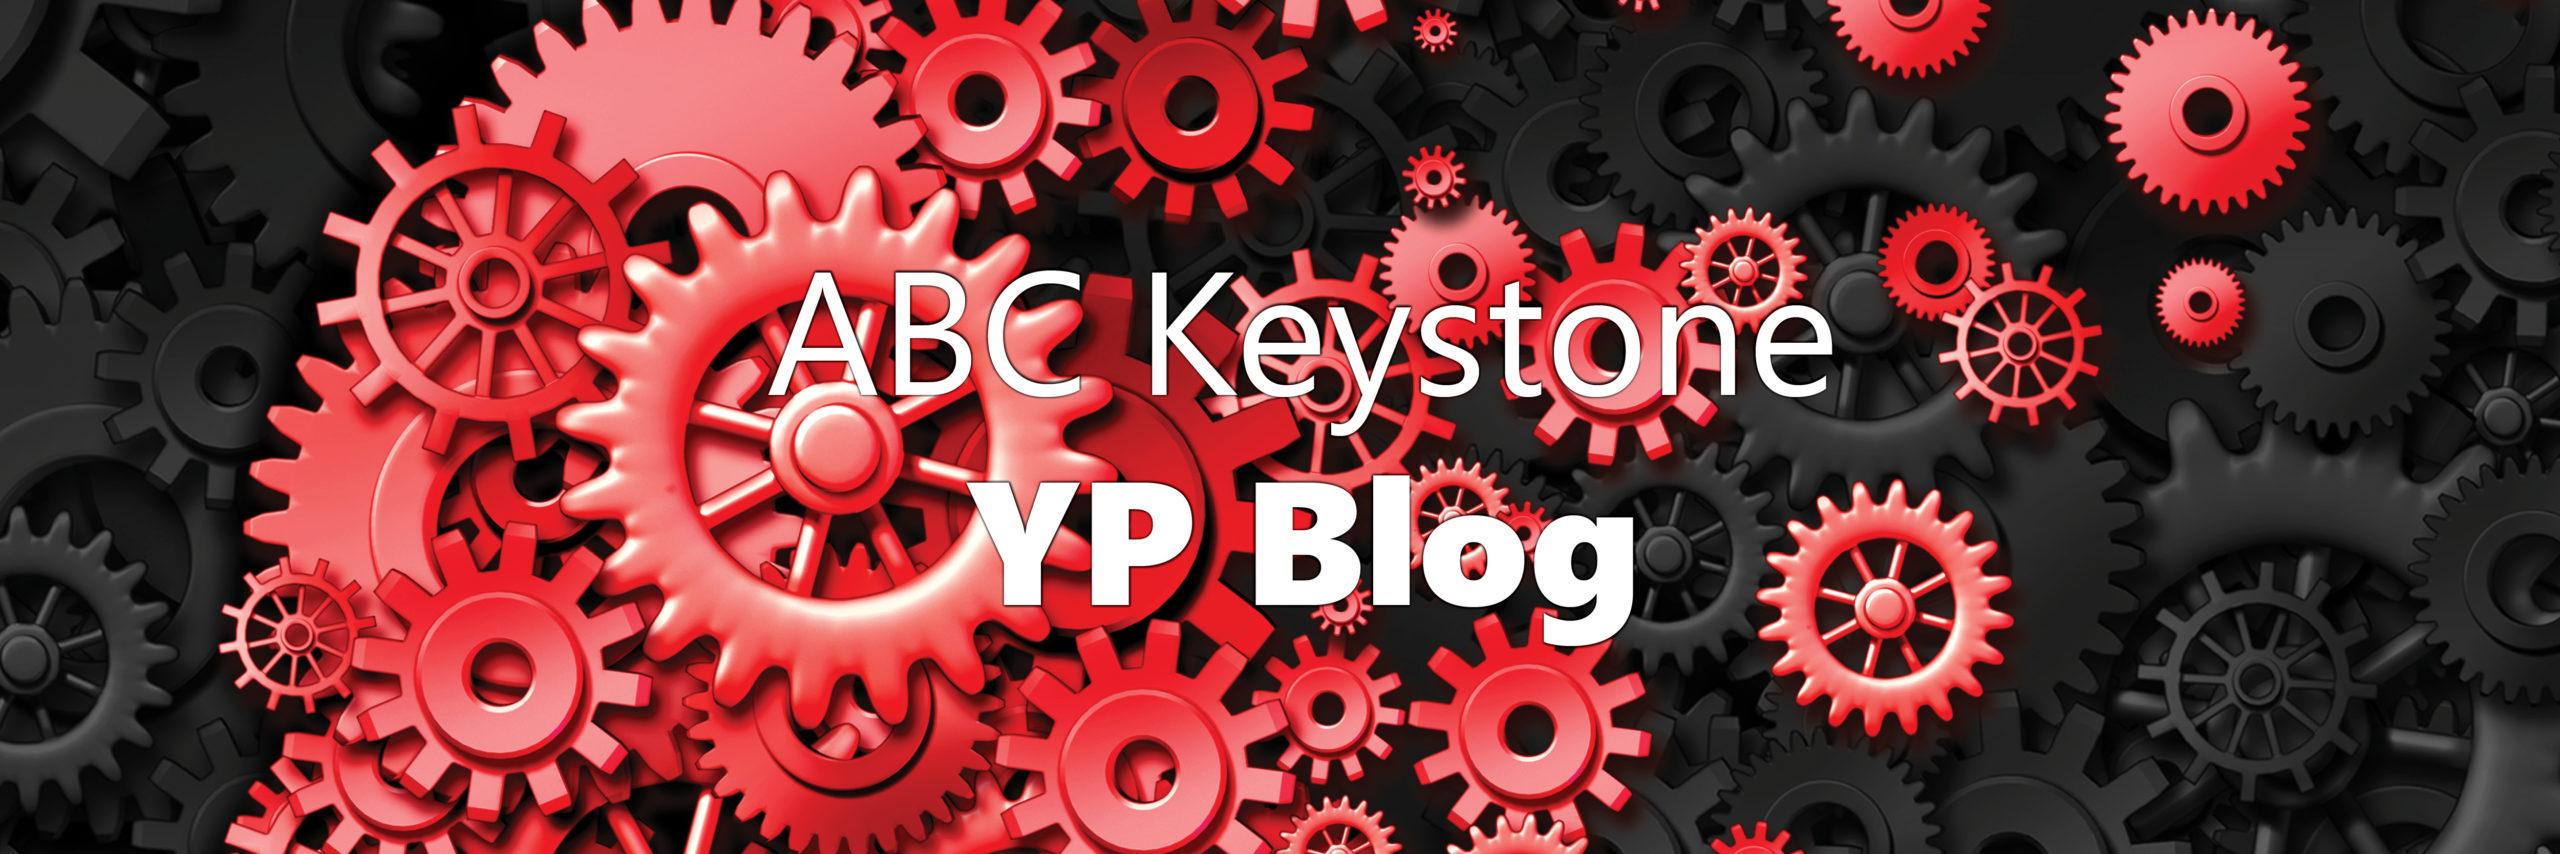 ABC Keystone YP Blog